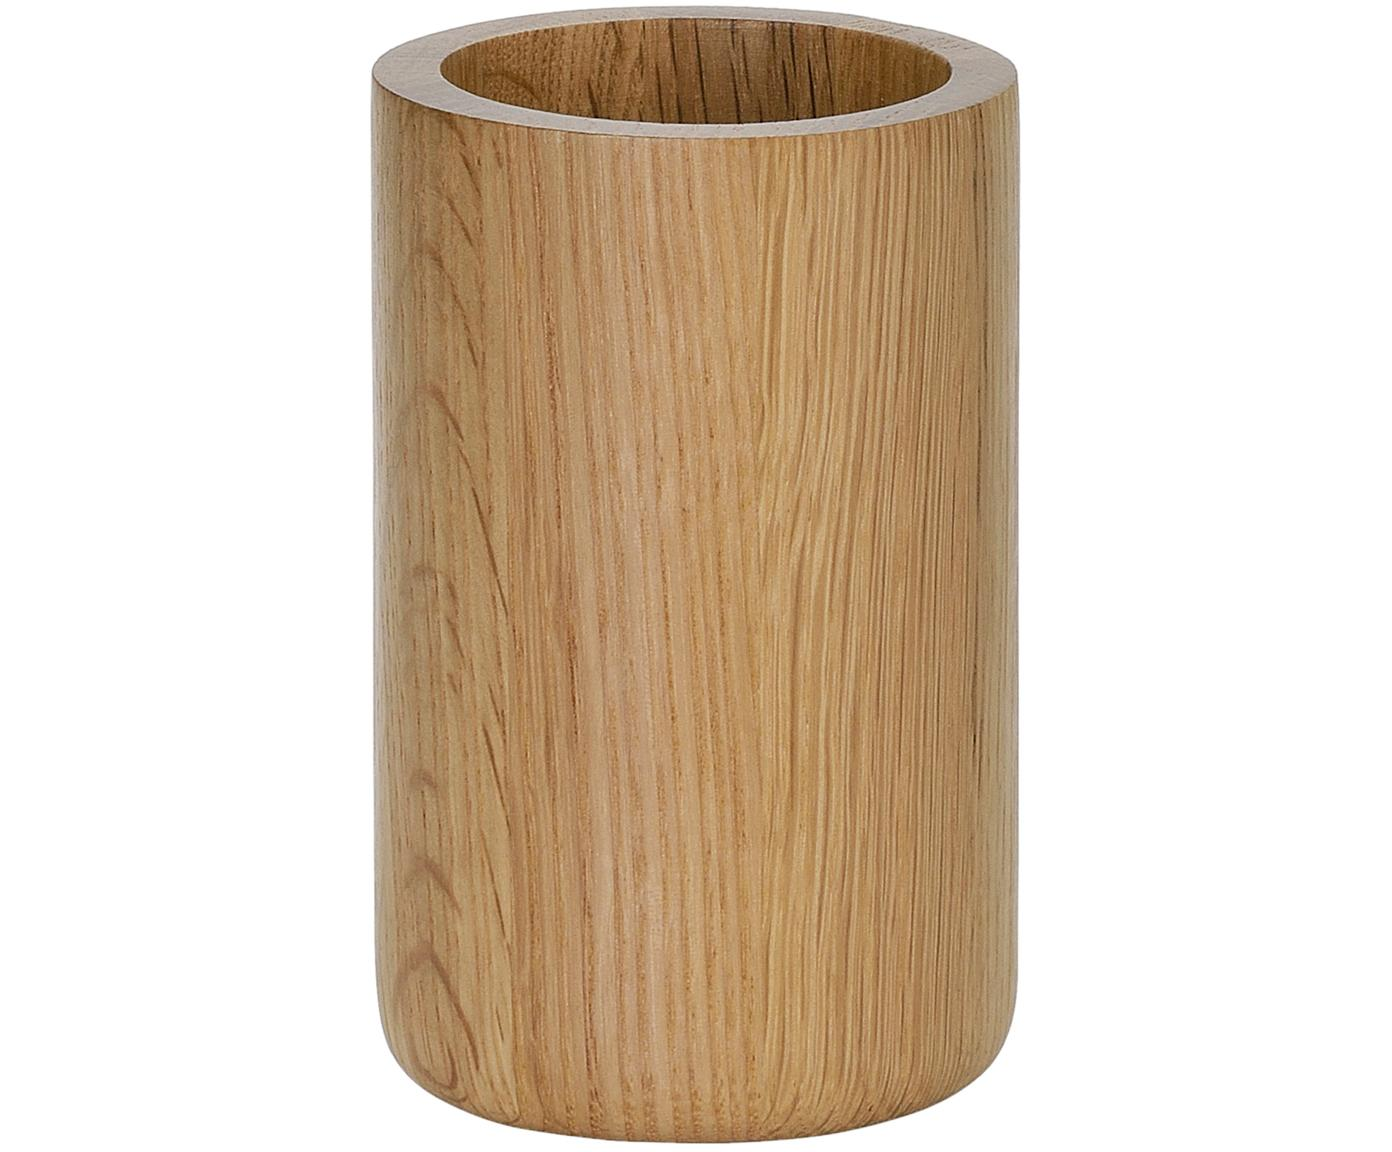 Kubek na szczoteczki Eir, Drewno dębowe, Drewno dębowe, Ø 7 x W 11 cm